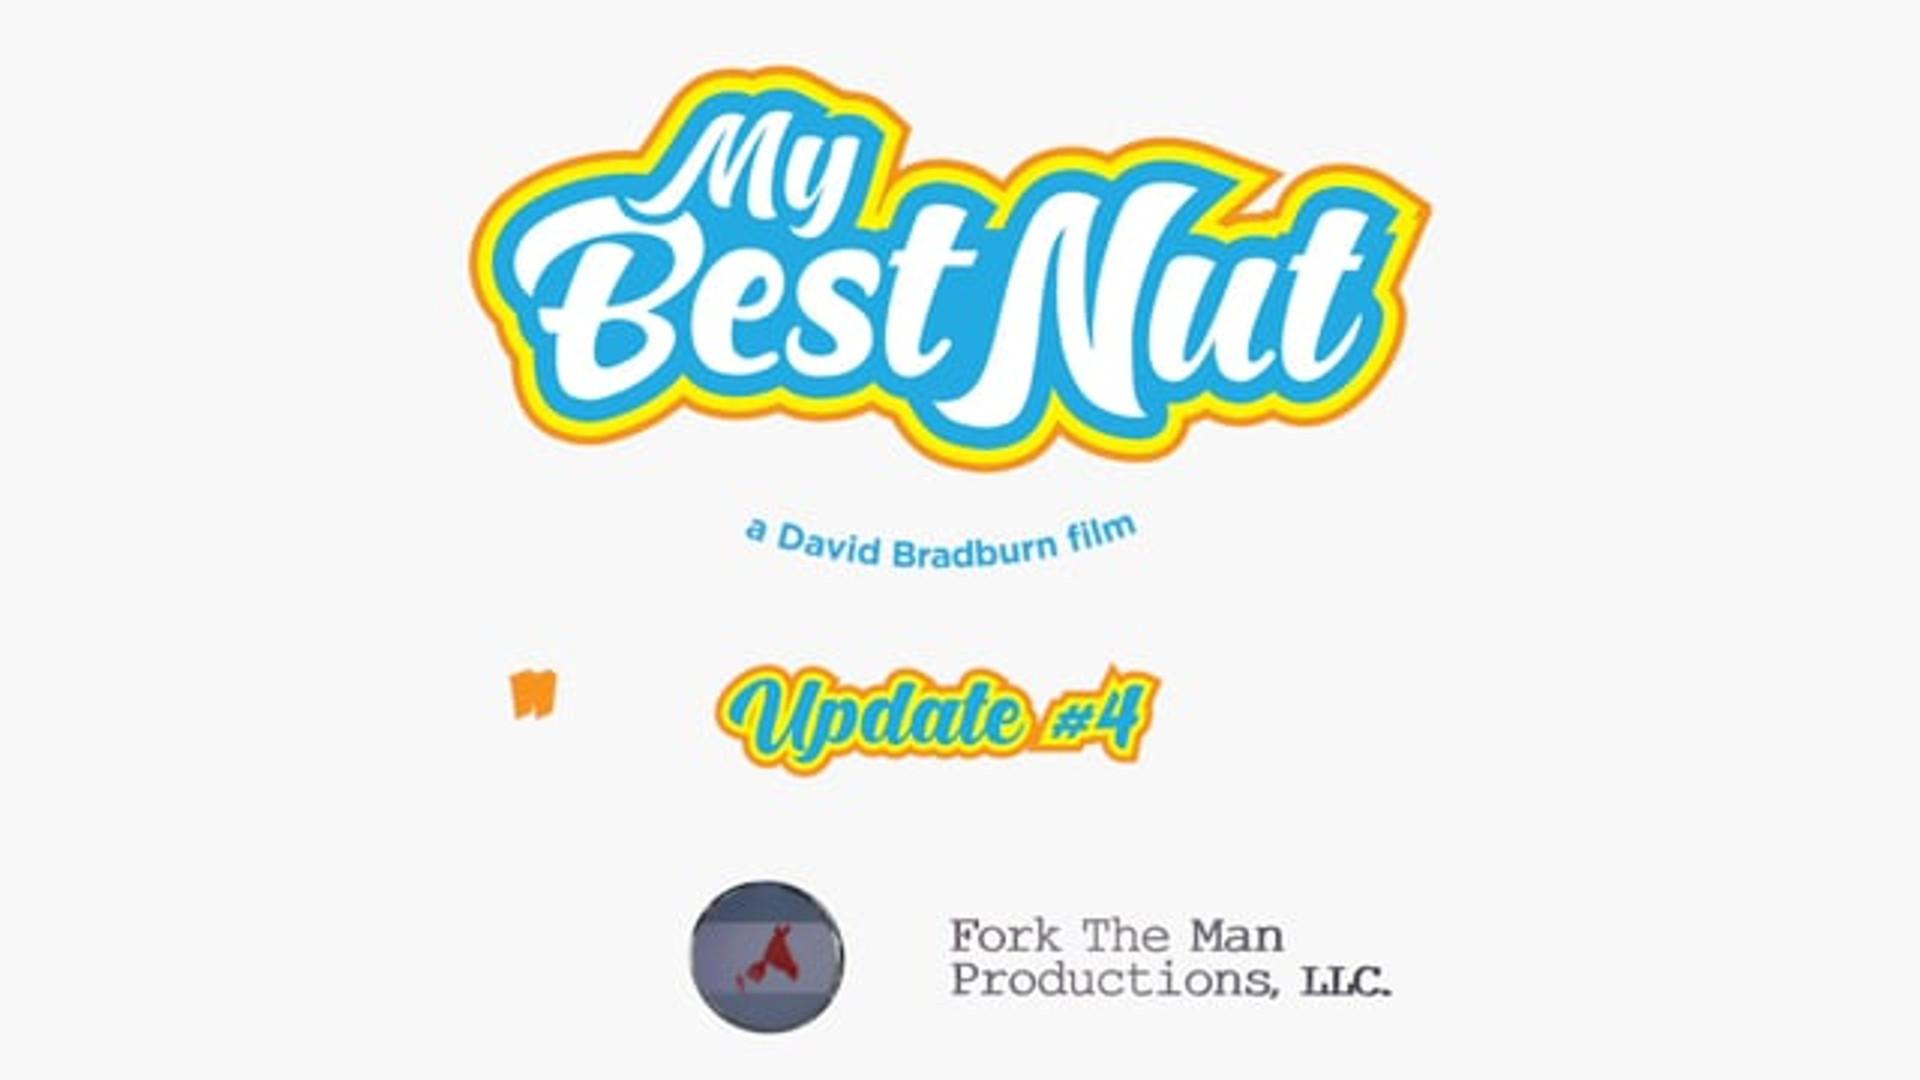 My Best Nut: Update 04